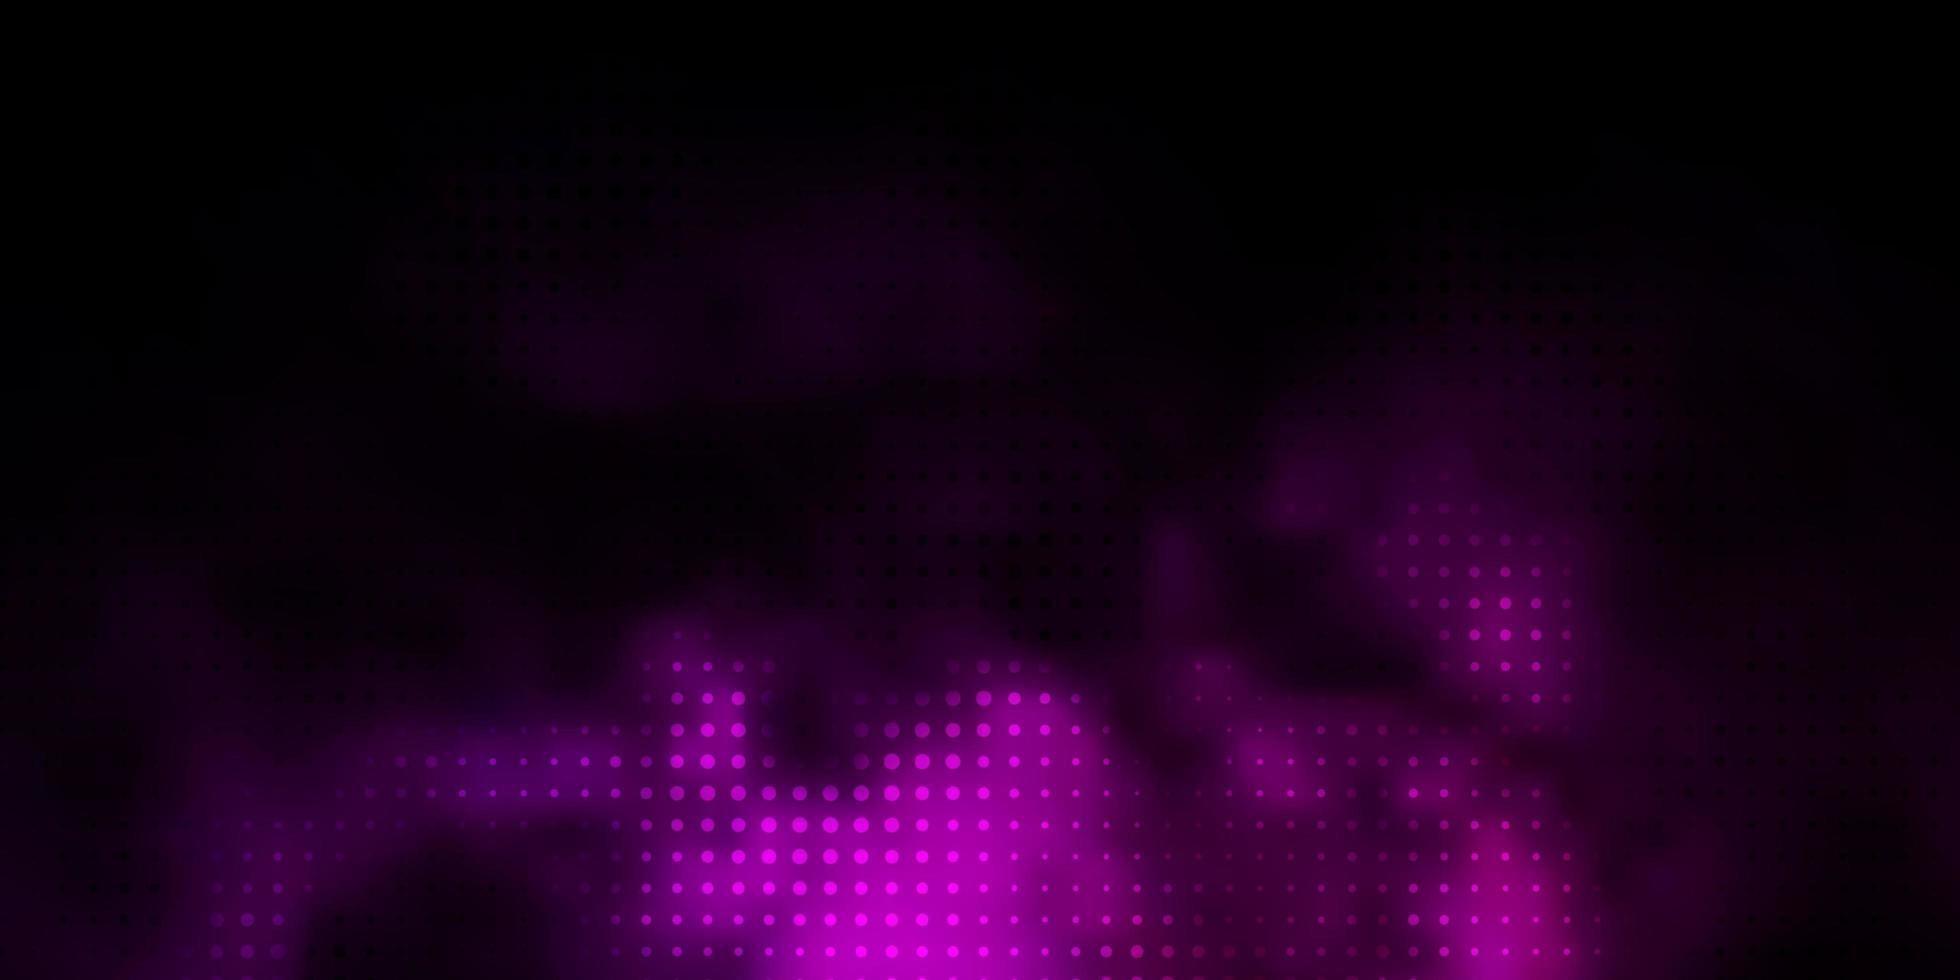 textura vector roxo escuro com discos.